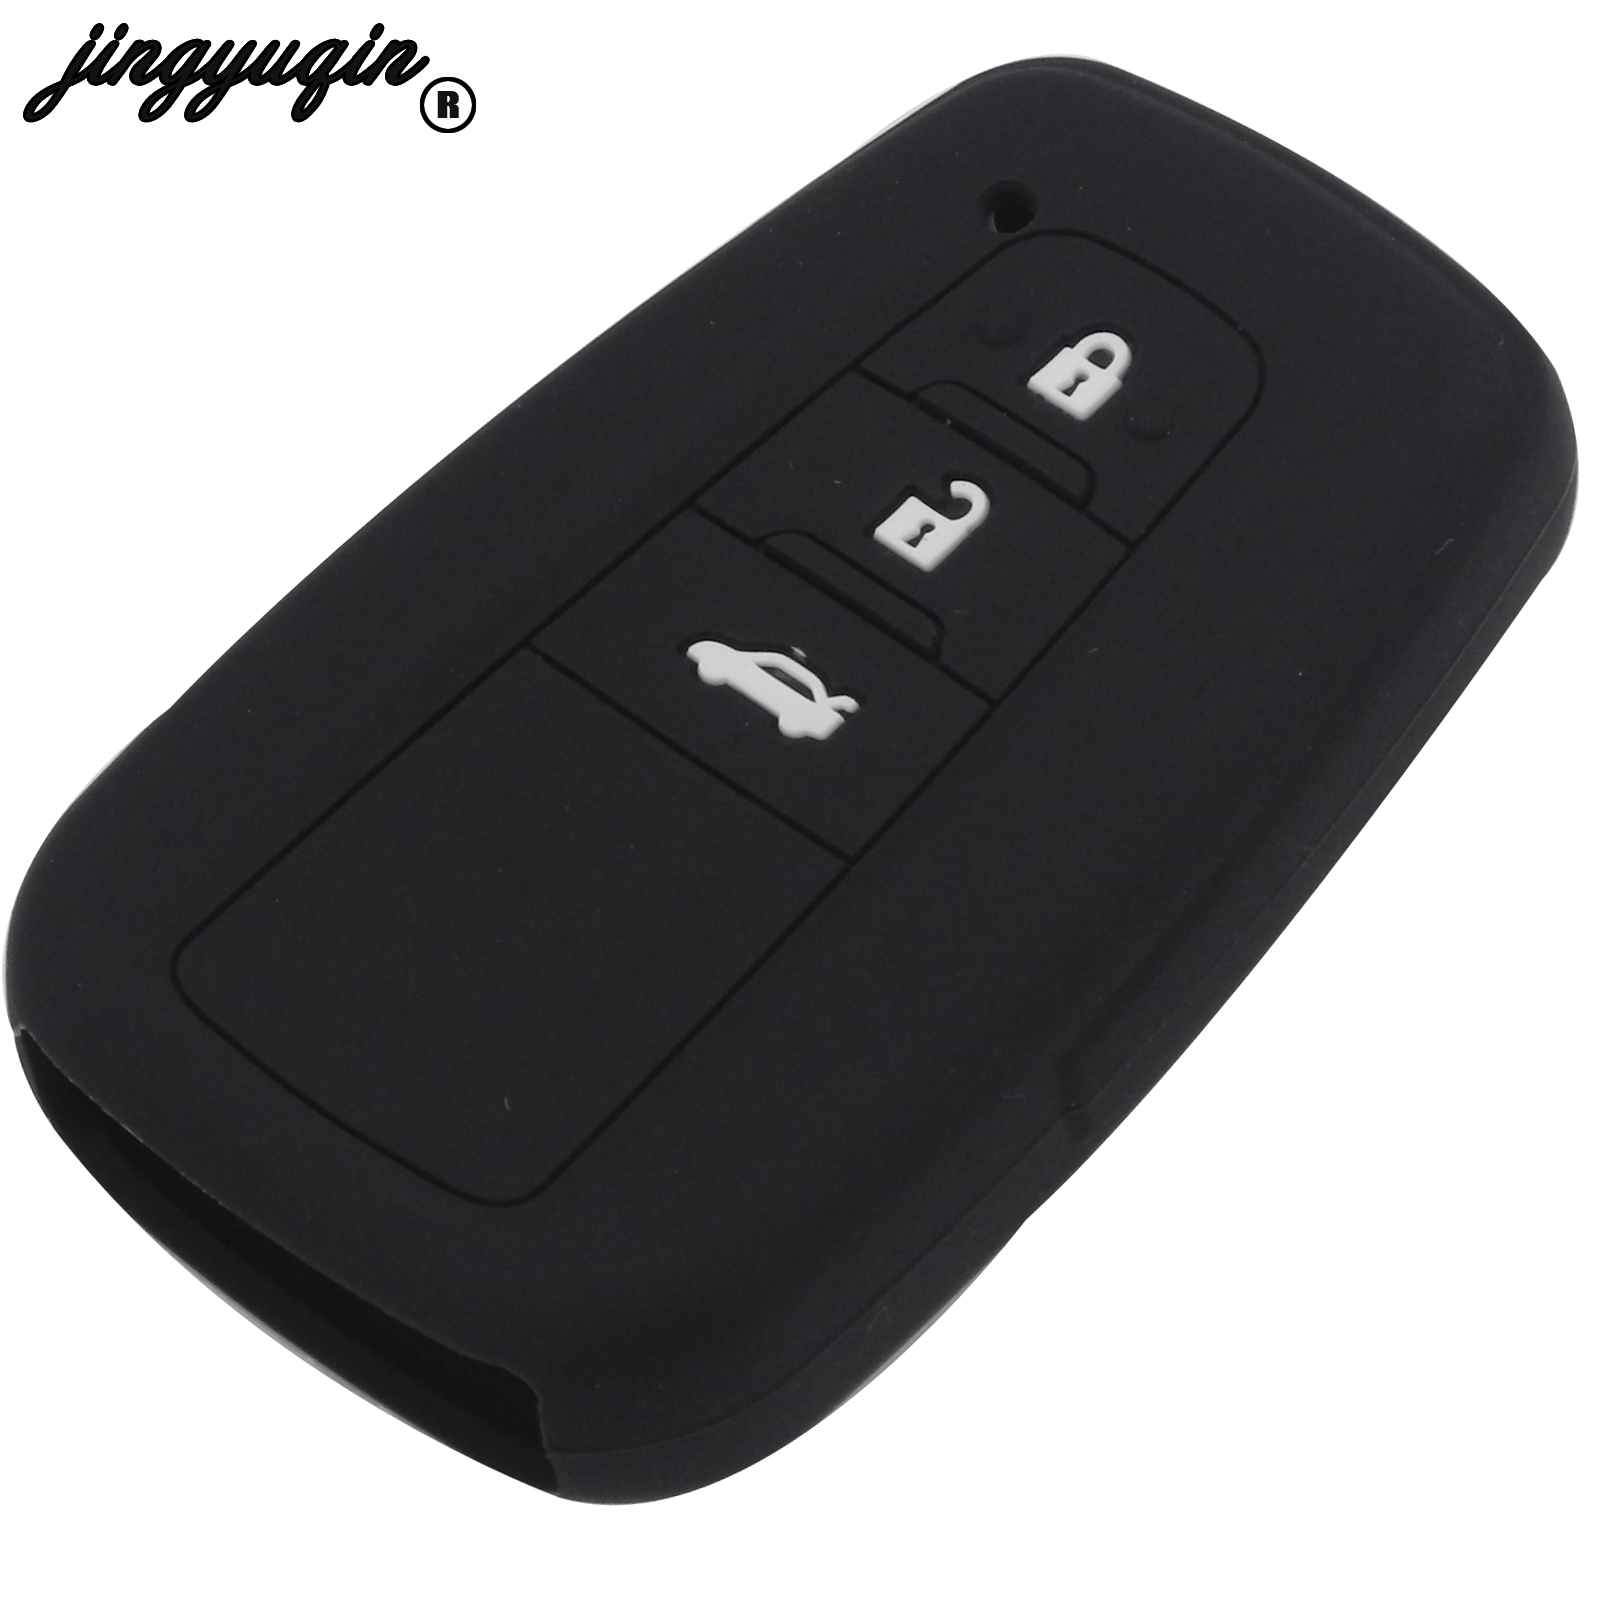 Jingyuqin – coque de protection pour clé de voiture, 3 boutons, en Silicone, avec support pour télécommande, pour Toyota Camry 2017 2018, CHR Prius Corolla RAV4